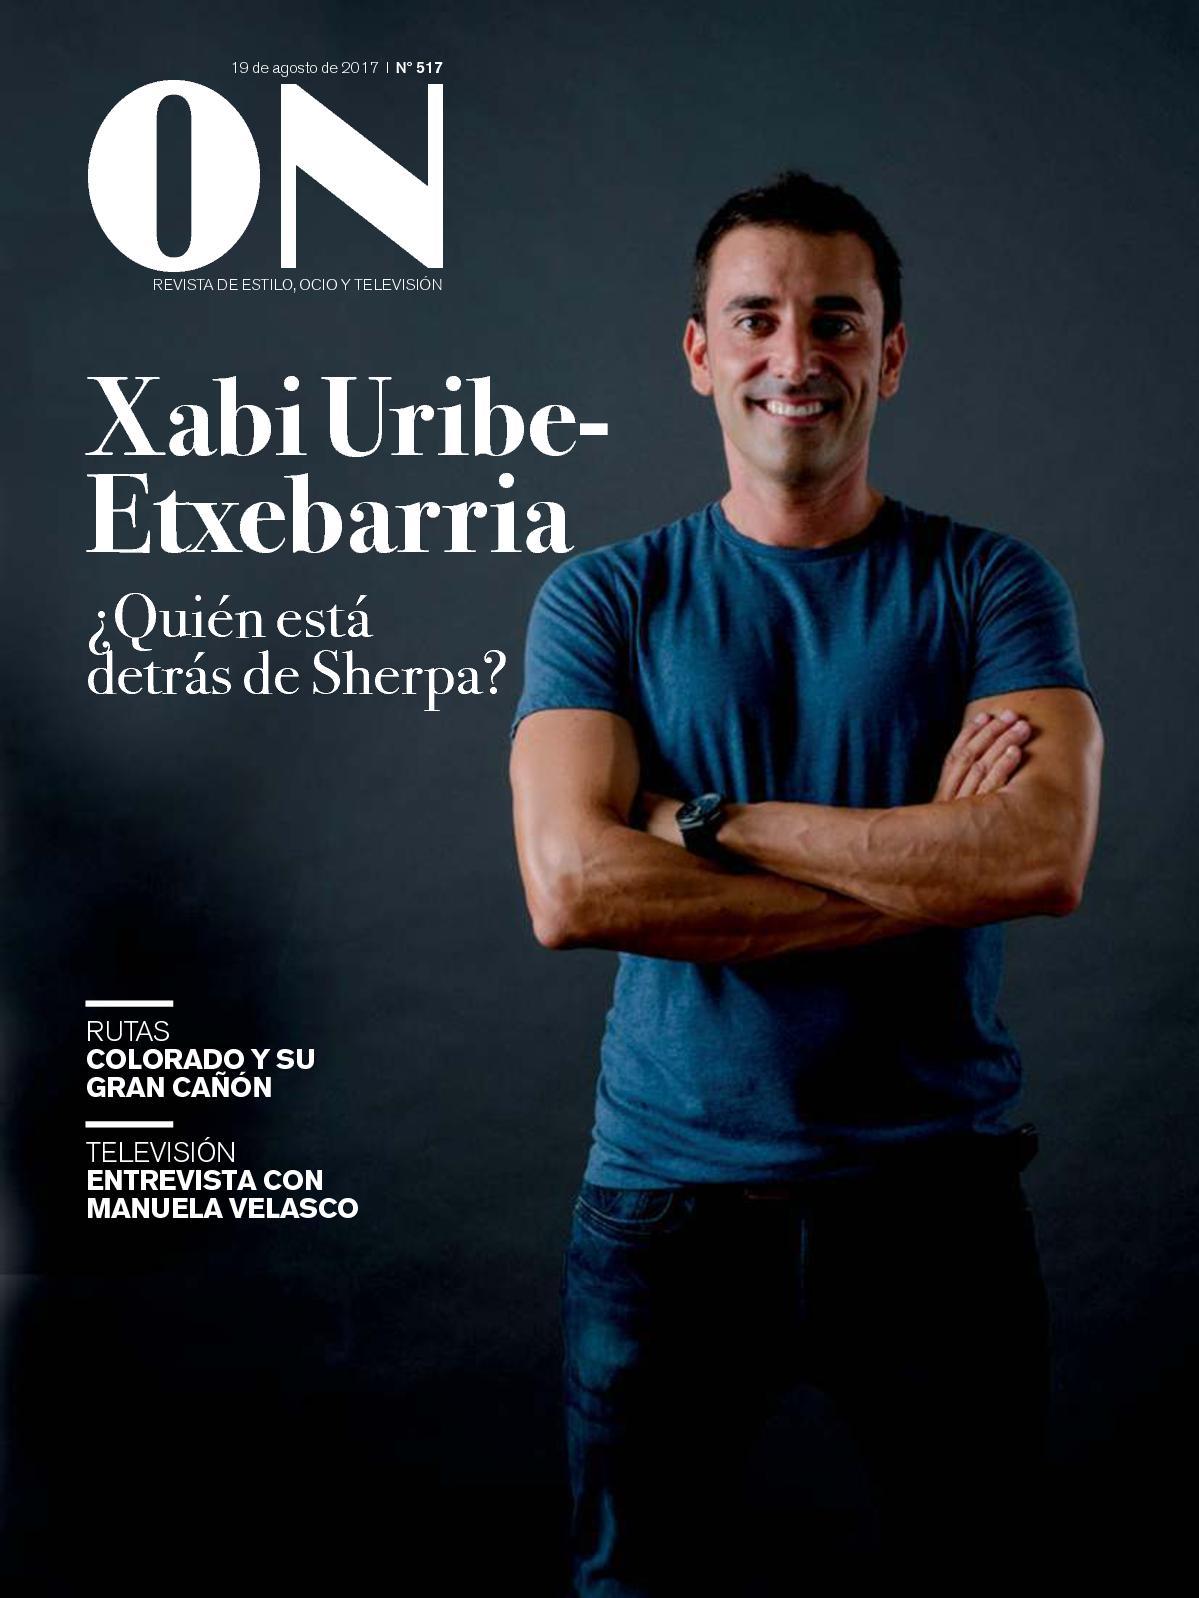 bbb78c0fe1fc Calaméo - ON Revista de Ocio y Estilo 20170819